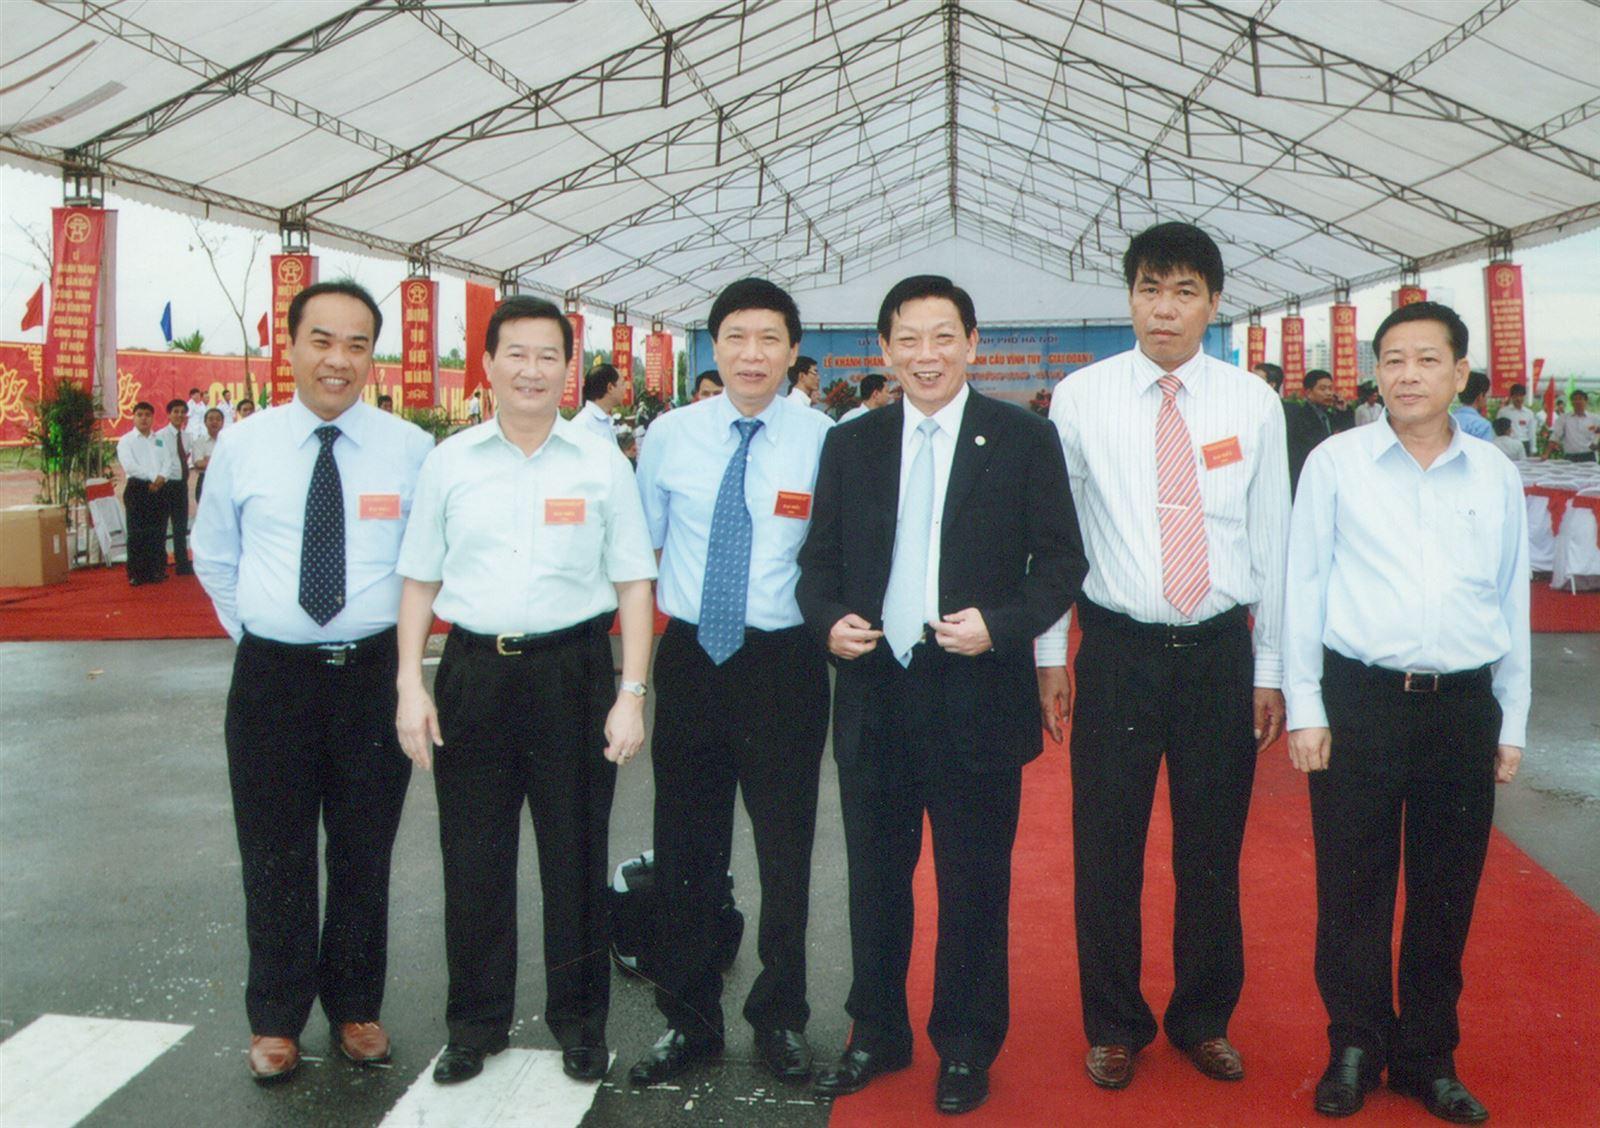 Hình ảnh hoạt động nổi bật của Chủ tịch Hội đồng quản trị kiêm Tổng Giám đốc Vũ Văn Trường